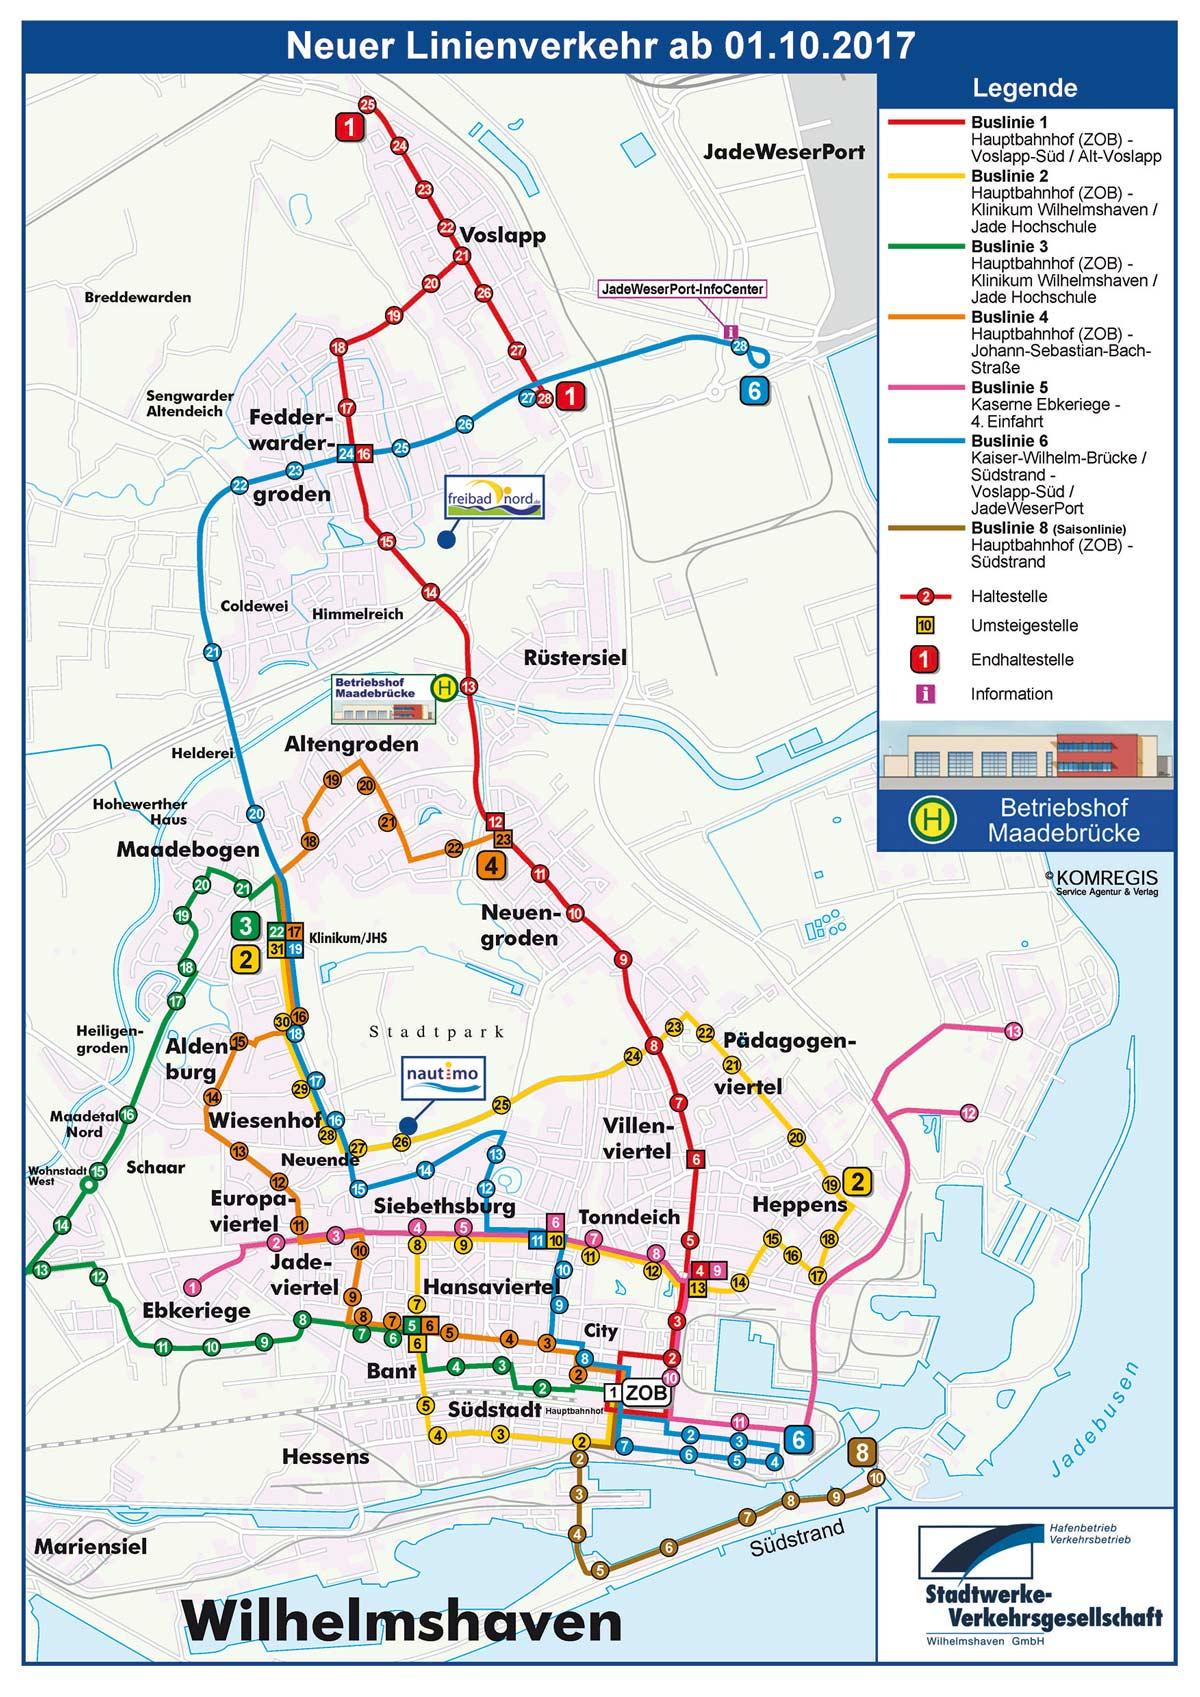 Liniennetzplan ab 01.10.2017